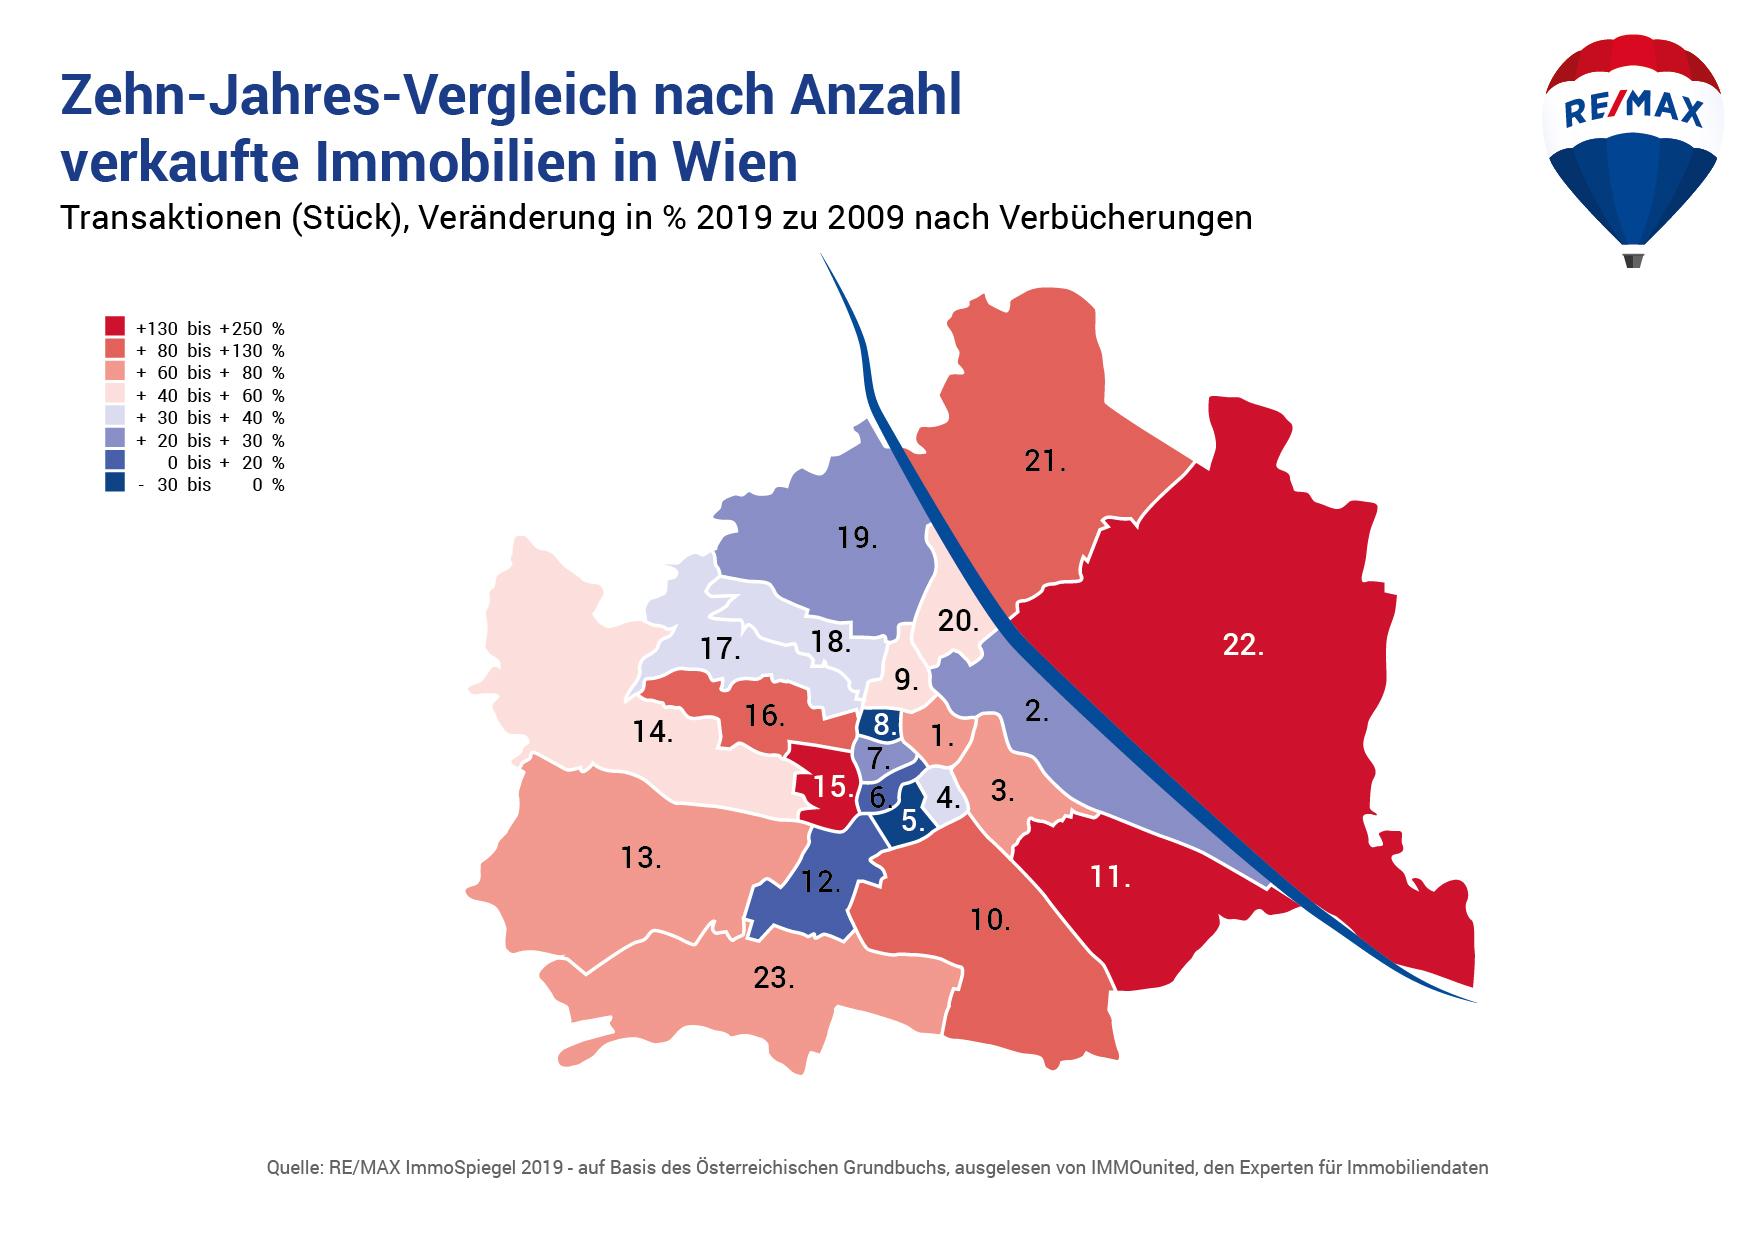 Zehn-Jahres-Vergleich nach Anzahl verkaufte Immobilien in Wien